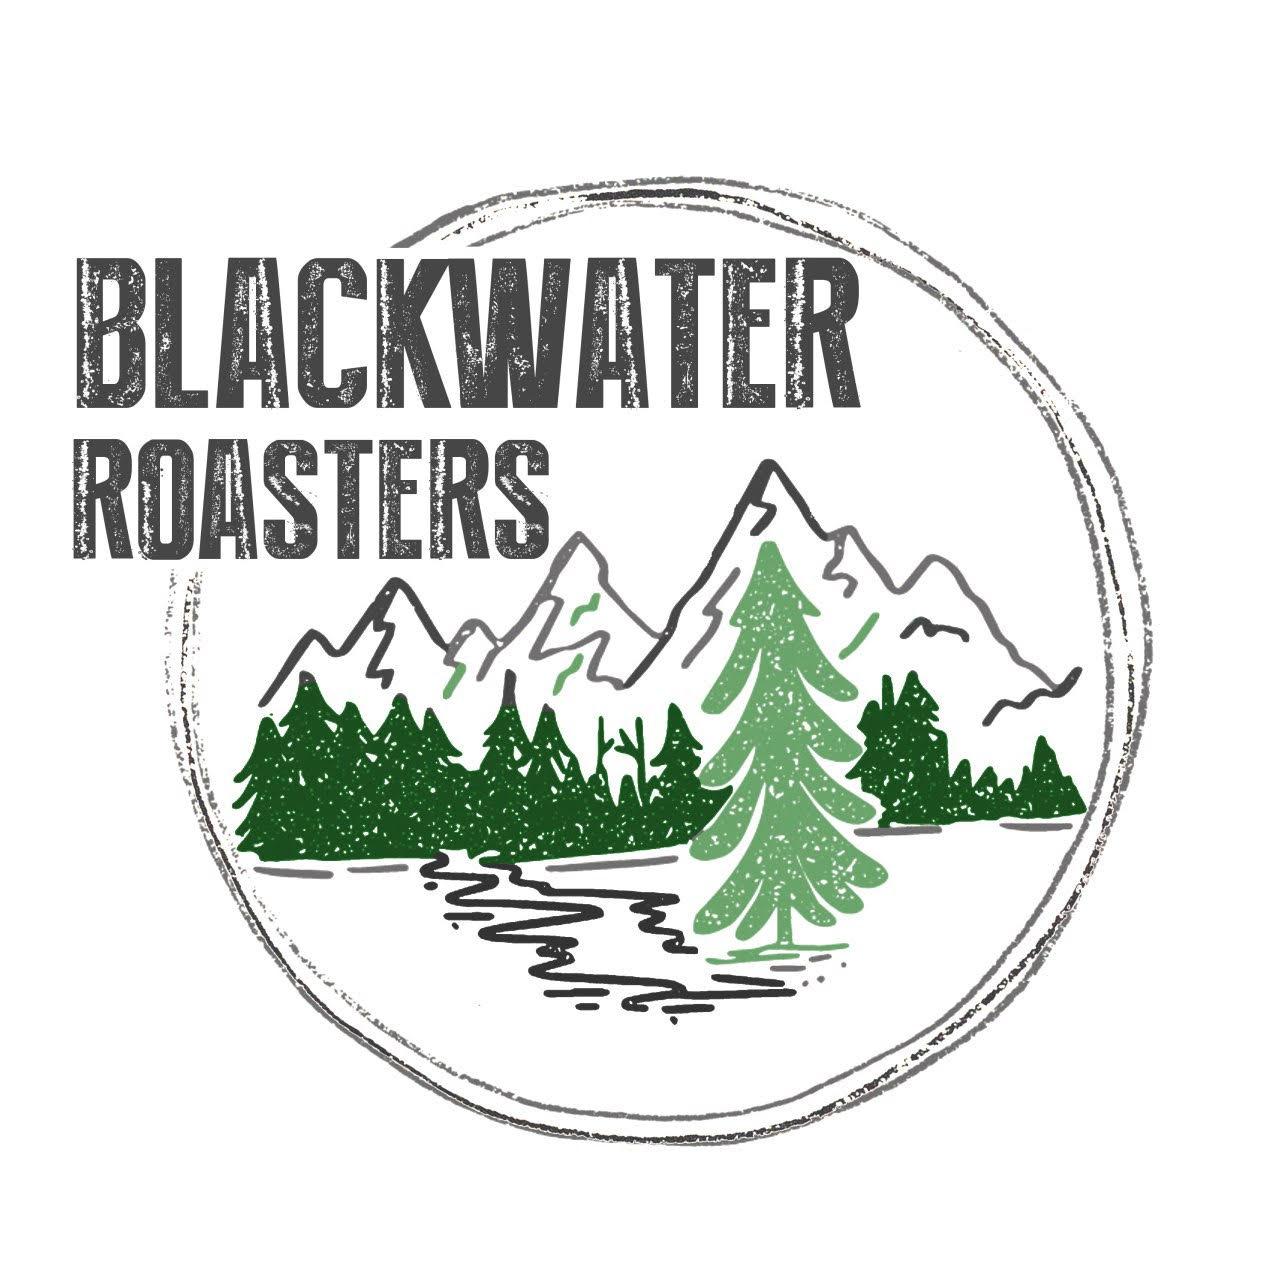 Blackwater Roasters